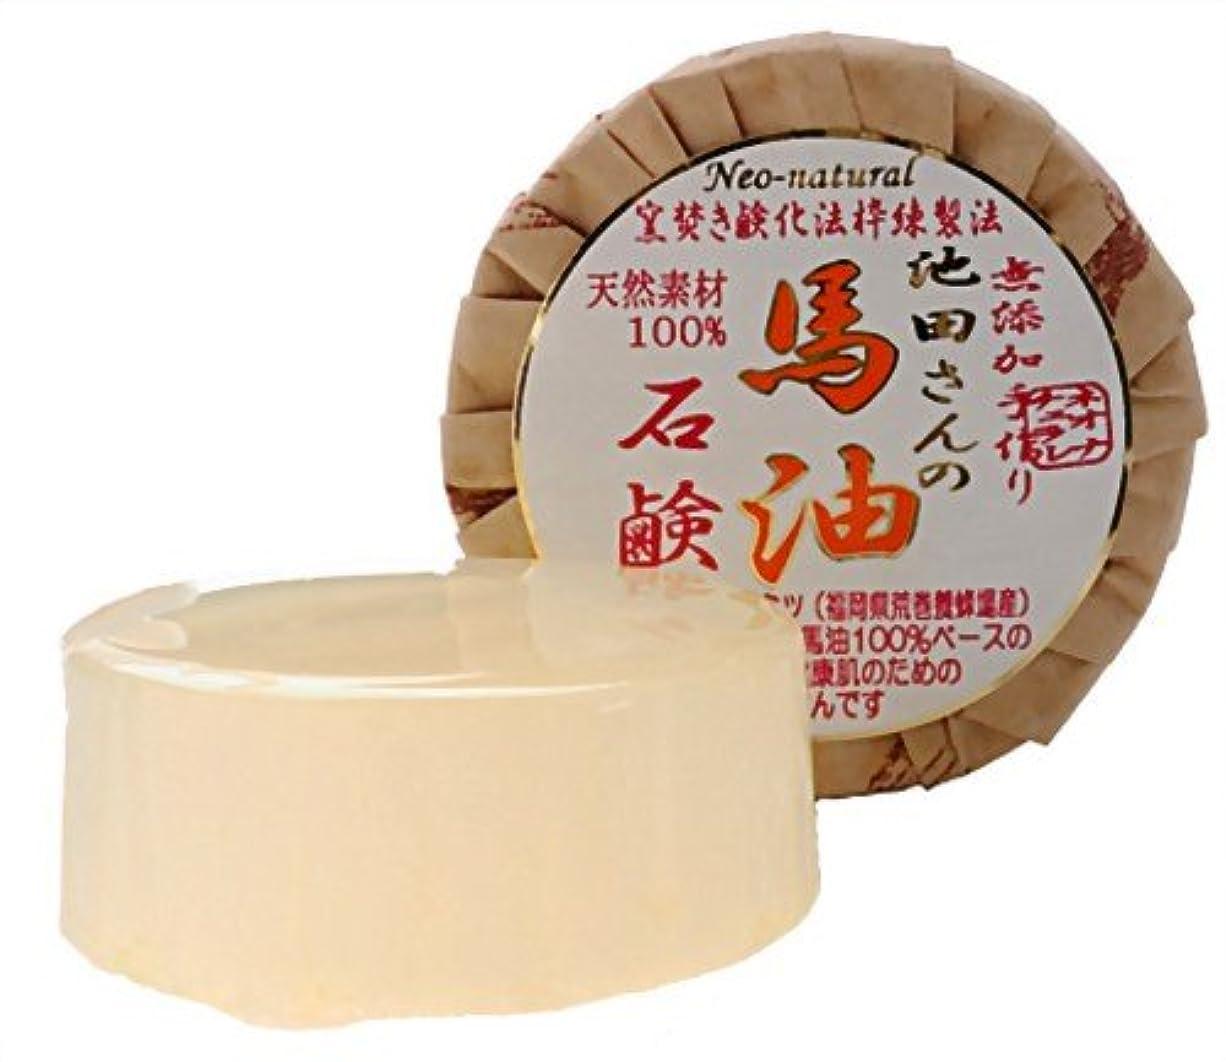 ネオナチュラル 池田さんの馬油石鹸 105g